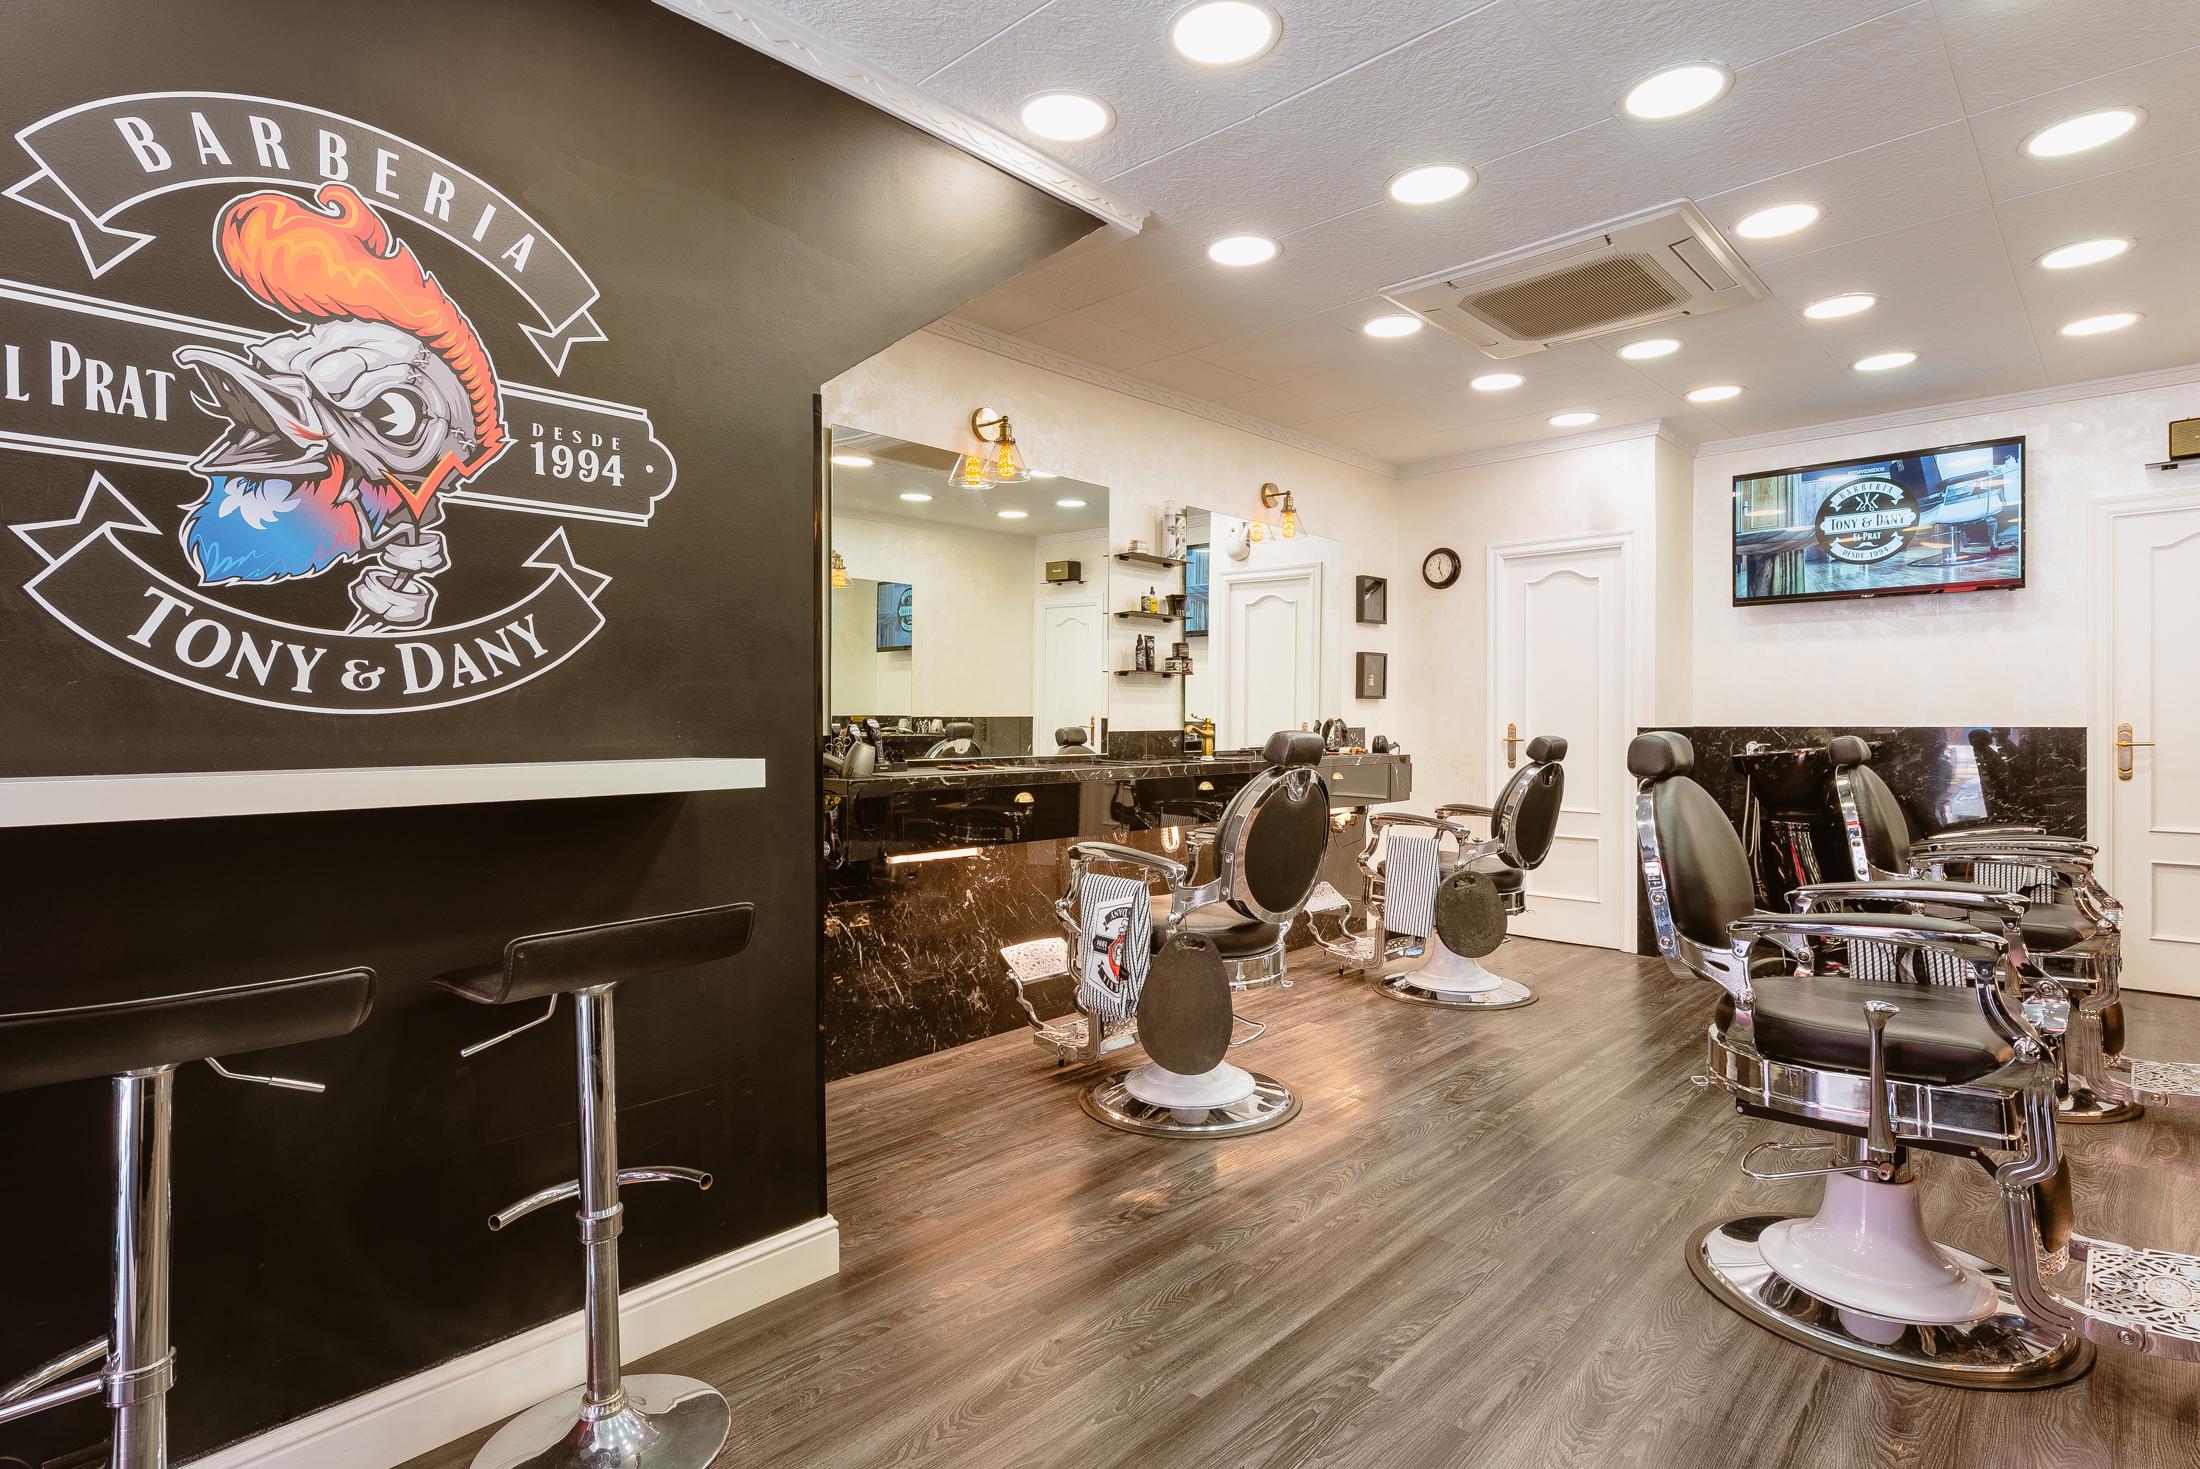 Barbería Tony Dany 2